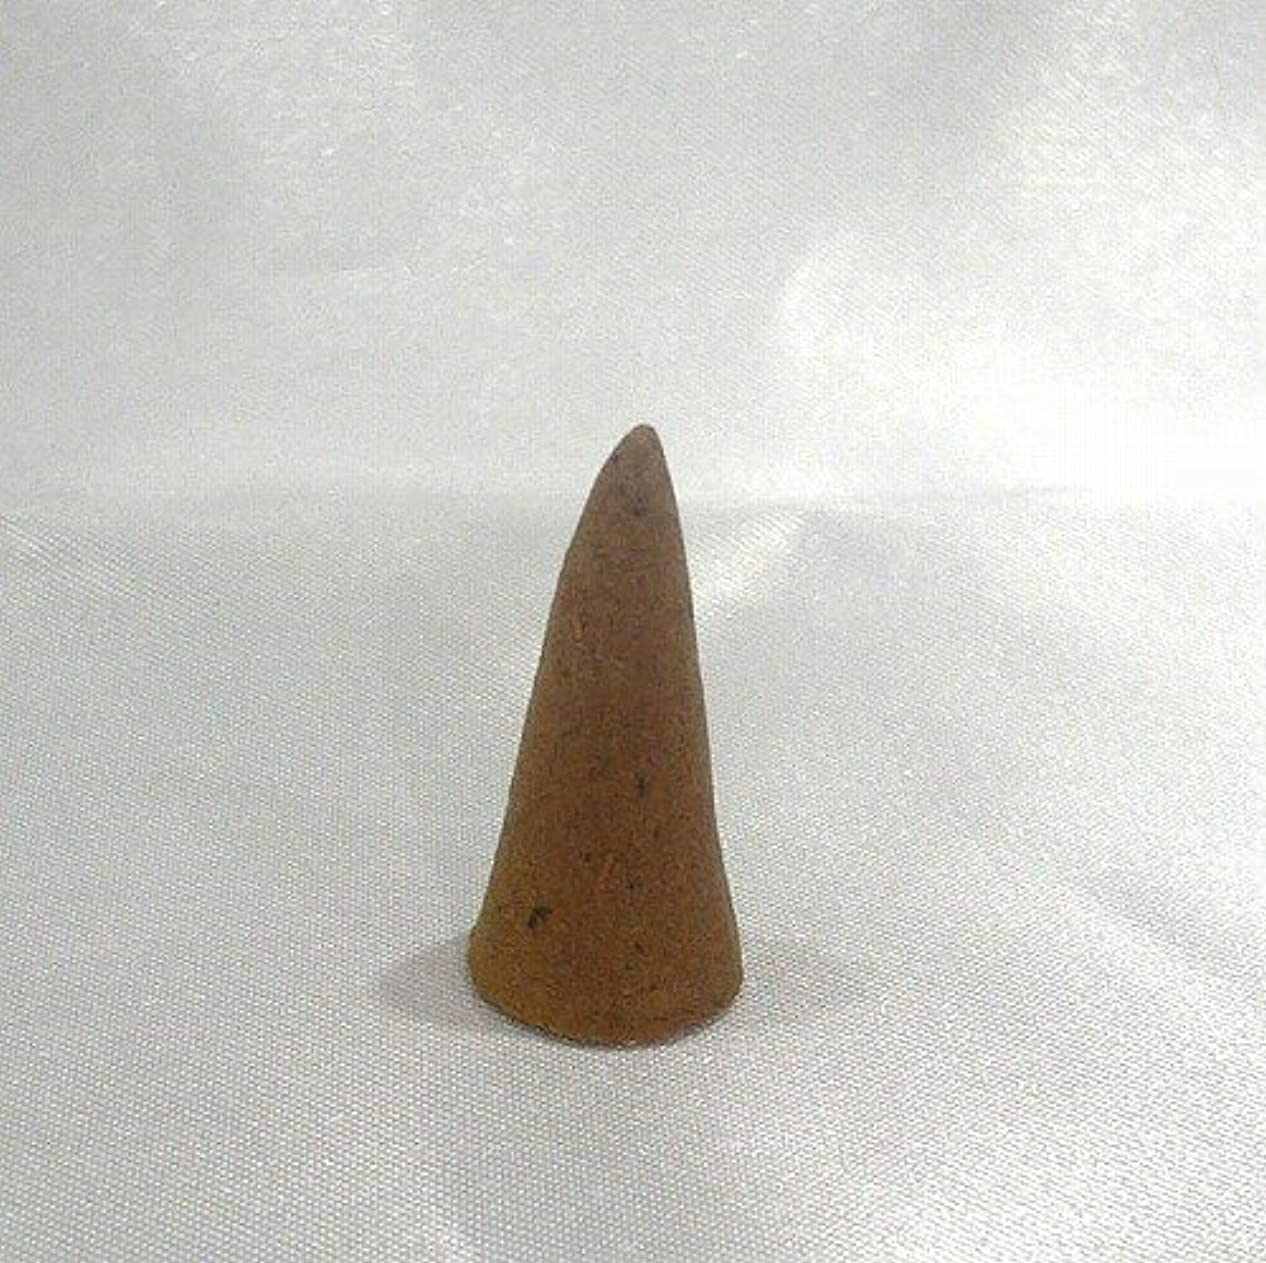 ゼロつまずく猛烈な白檀の三角香(コーン) 小 15個セット